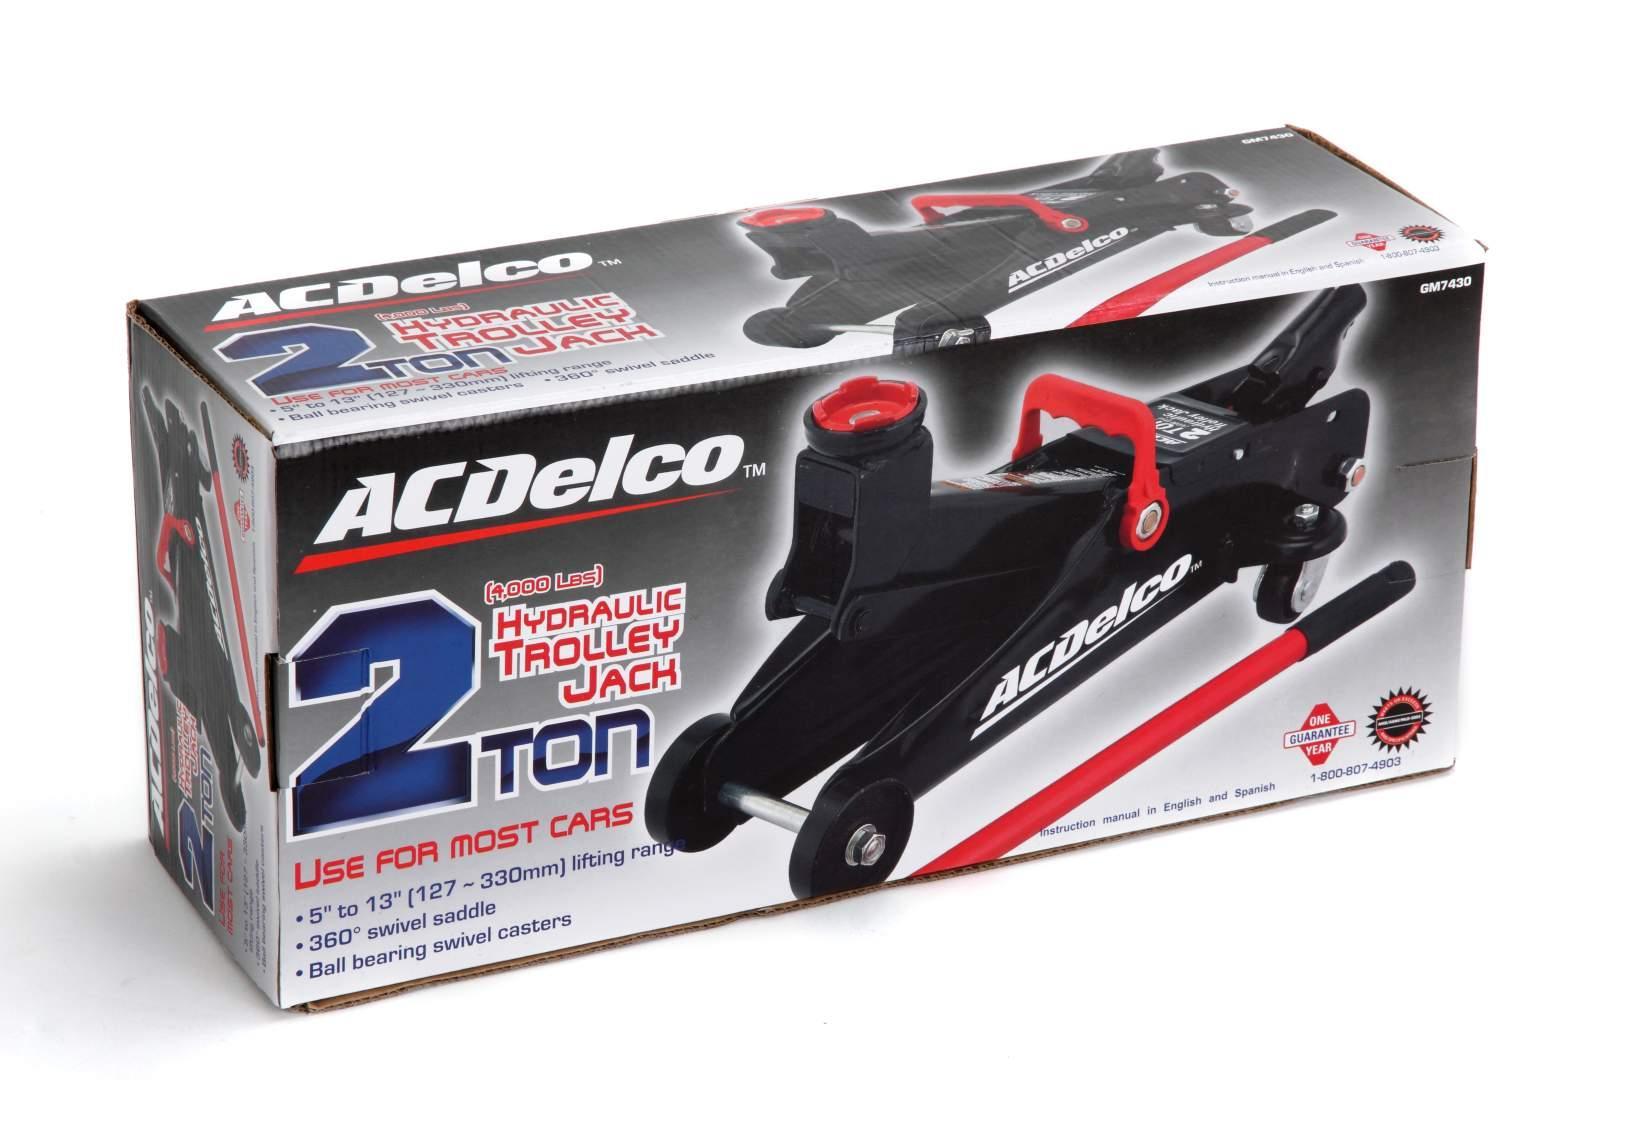 AC Delco 2 Ton Trolley Jack